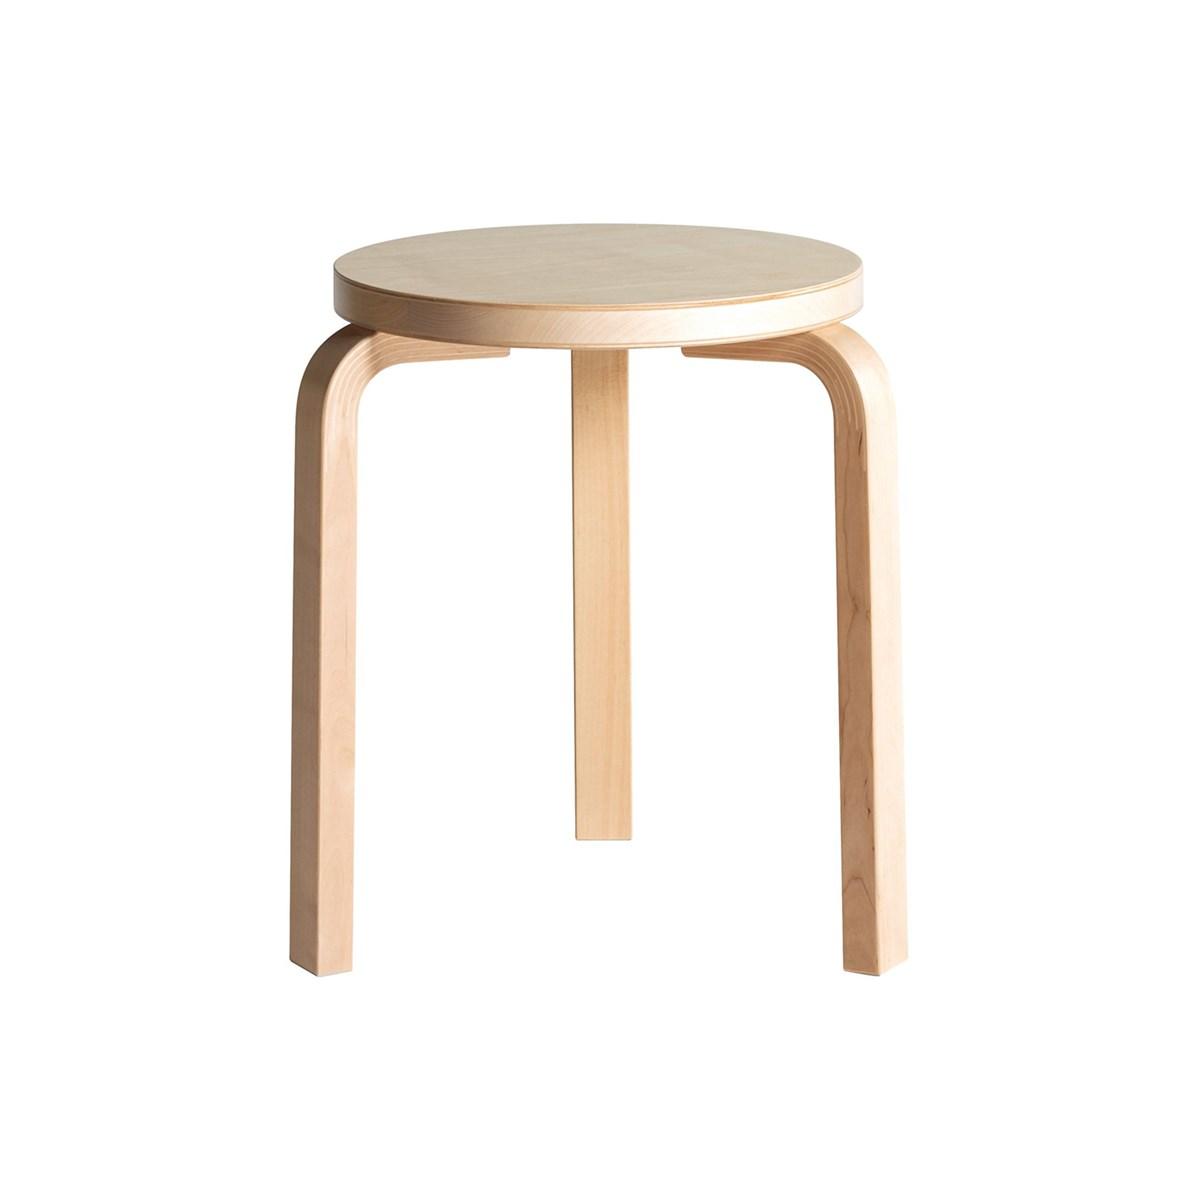 Artek-Alvar-Aalto-Stool-60-Matisse-1